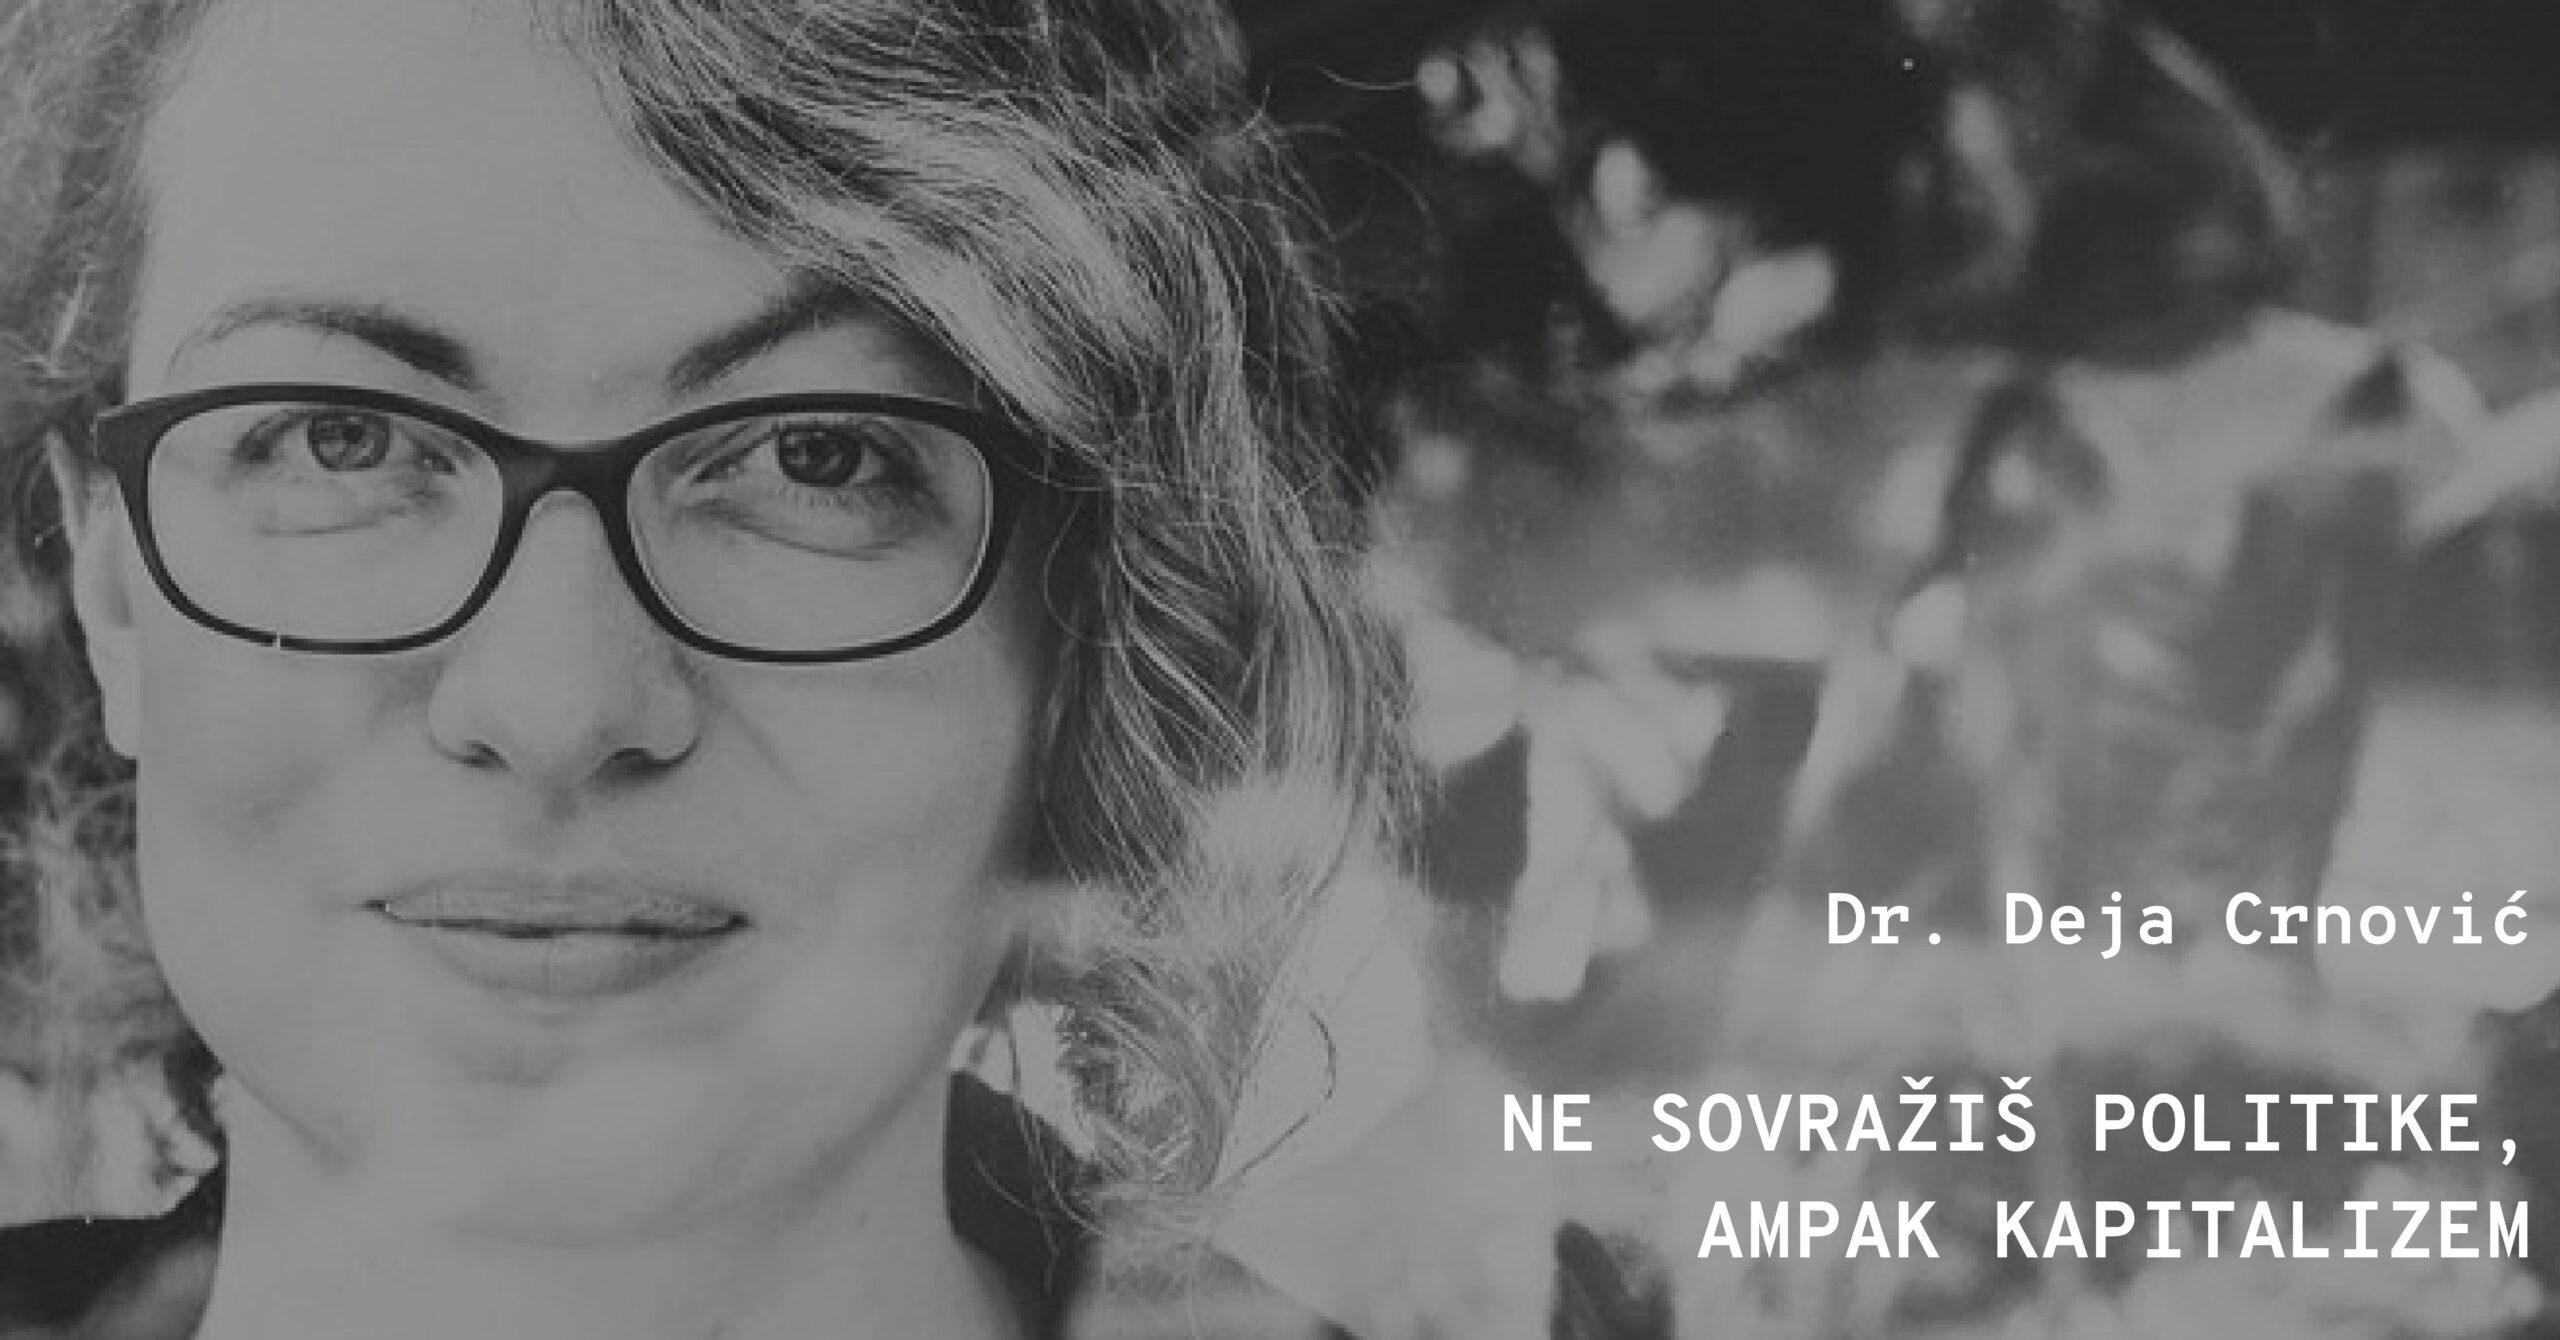 Topografije zvoka Deja Crnović